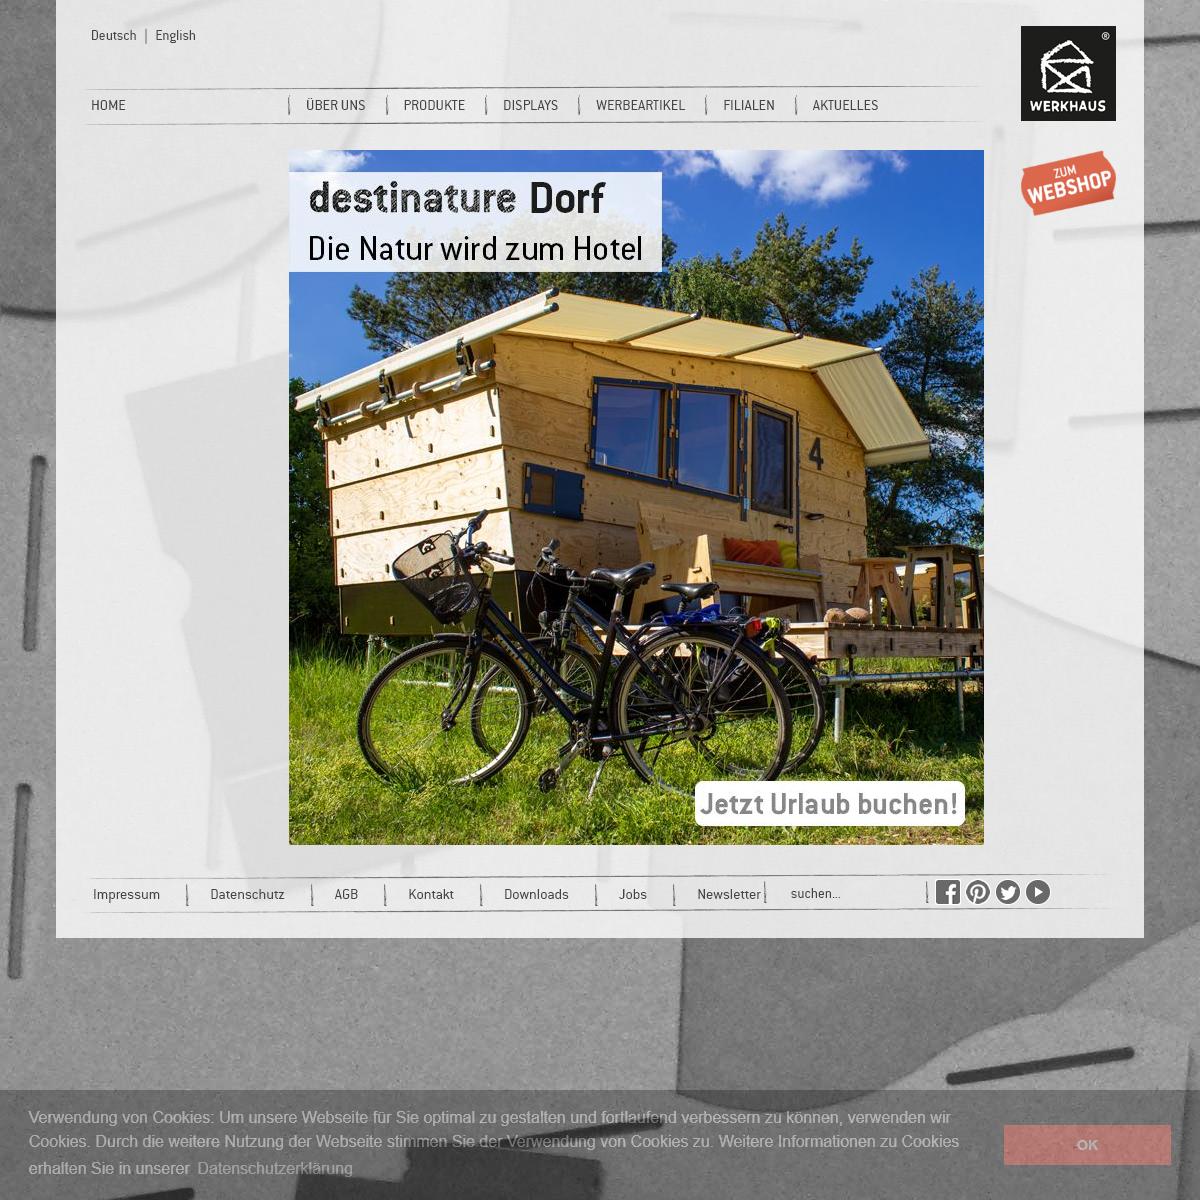 WERKHAUS - Nachhaltige Produkte fürs Büro und Zuhause & Warendisplays